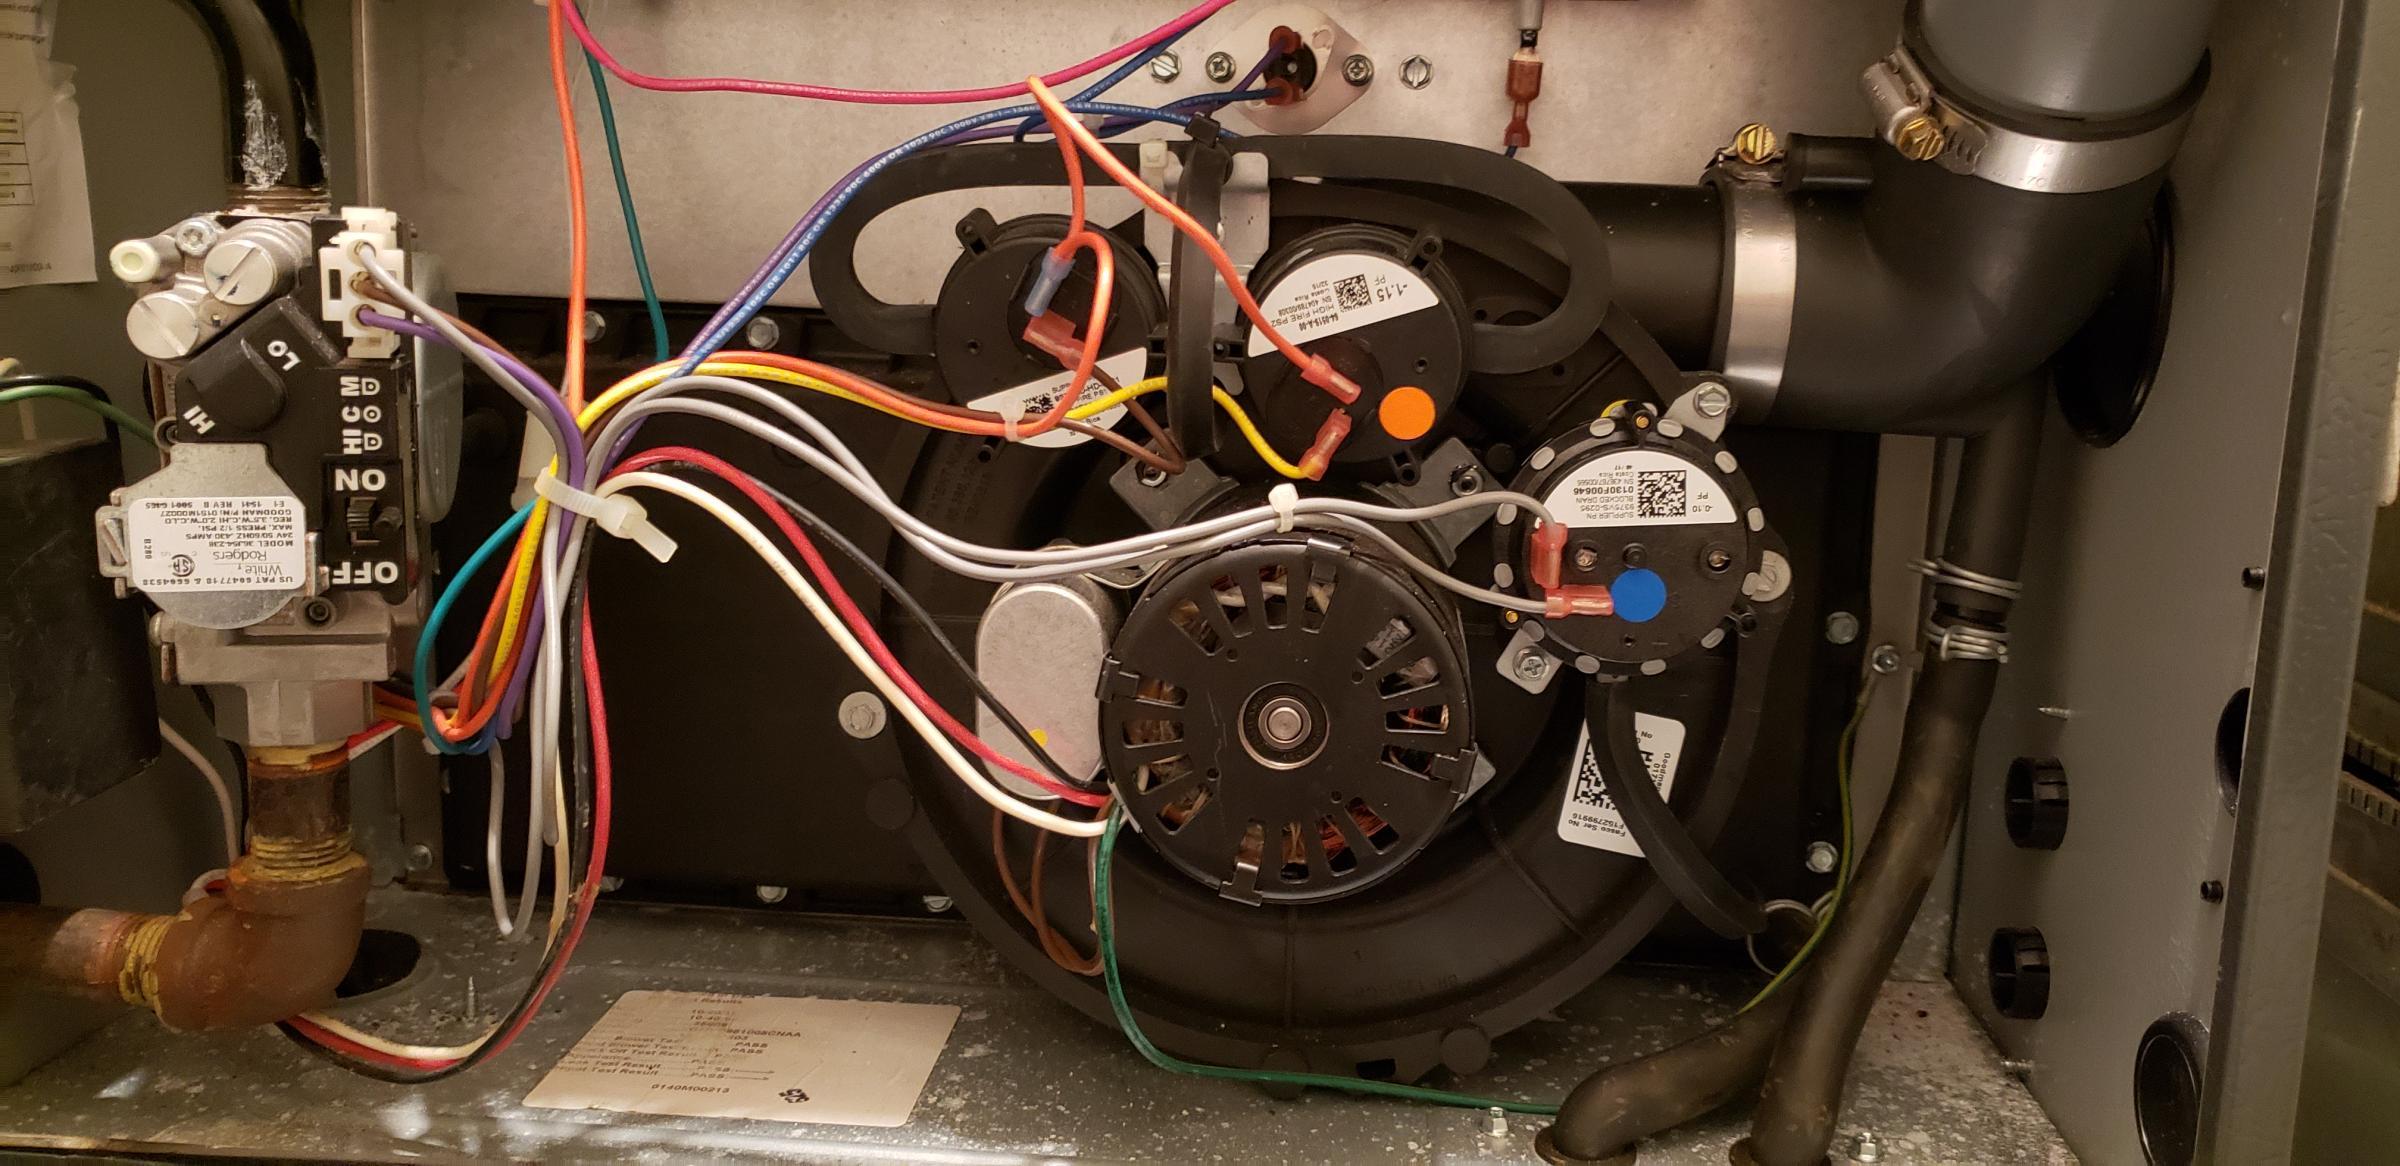 Goodman furnace E2 error code-20200216_144351_1581882608875.jpg